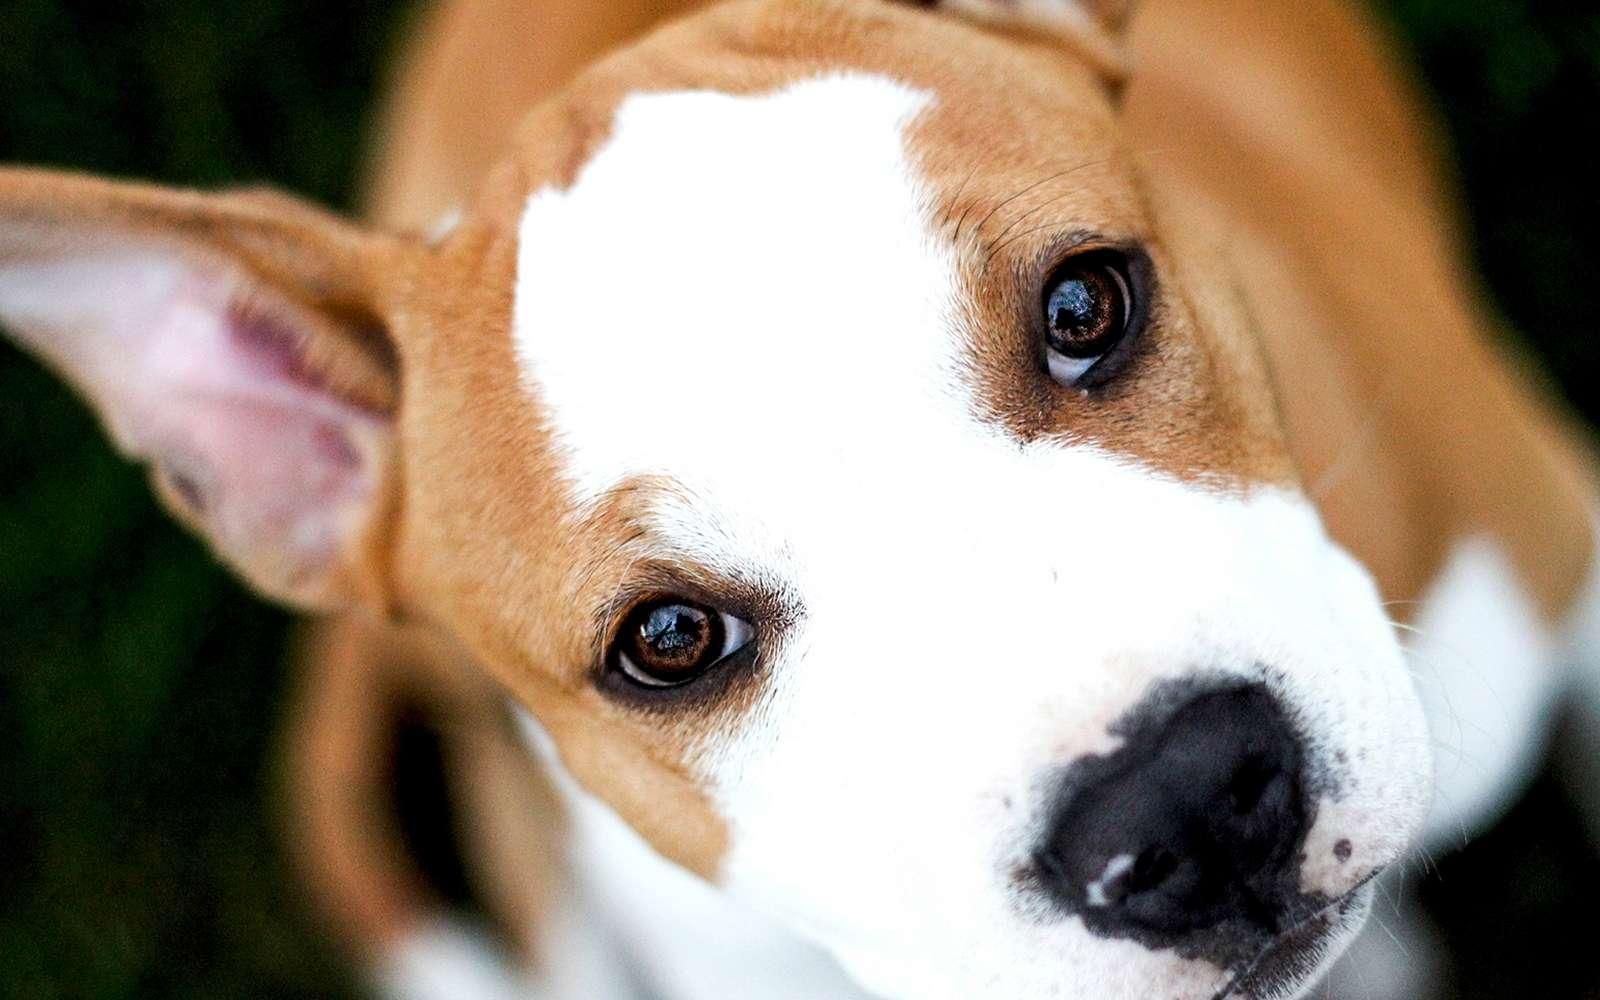 Avec ses oreilles, ses yeux, la position de sa tête et les mouvements de ses babines, ou même de sa mâchoire, un chien sait être expressif pour monter sa colère, sa peur ou son désir d'interaction avec les humains qui lui sont familiers. © AFP